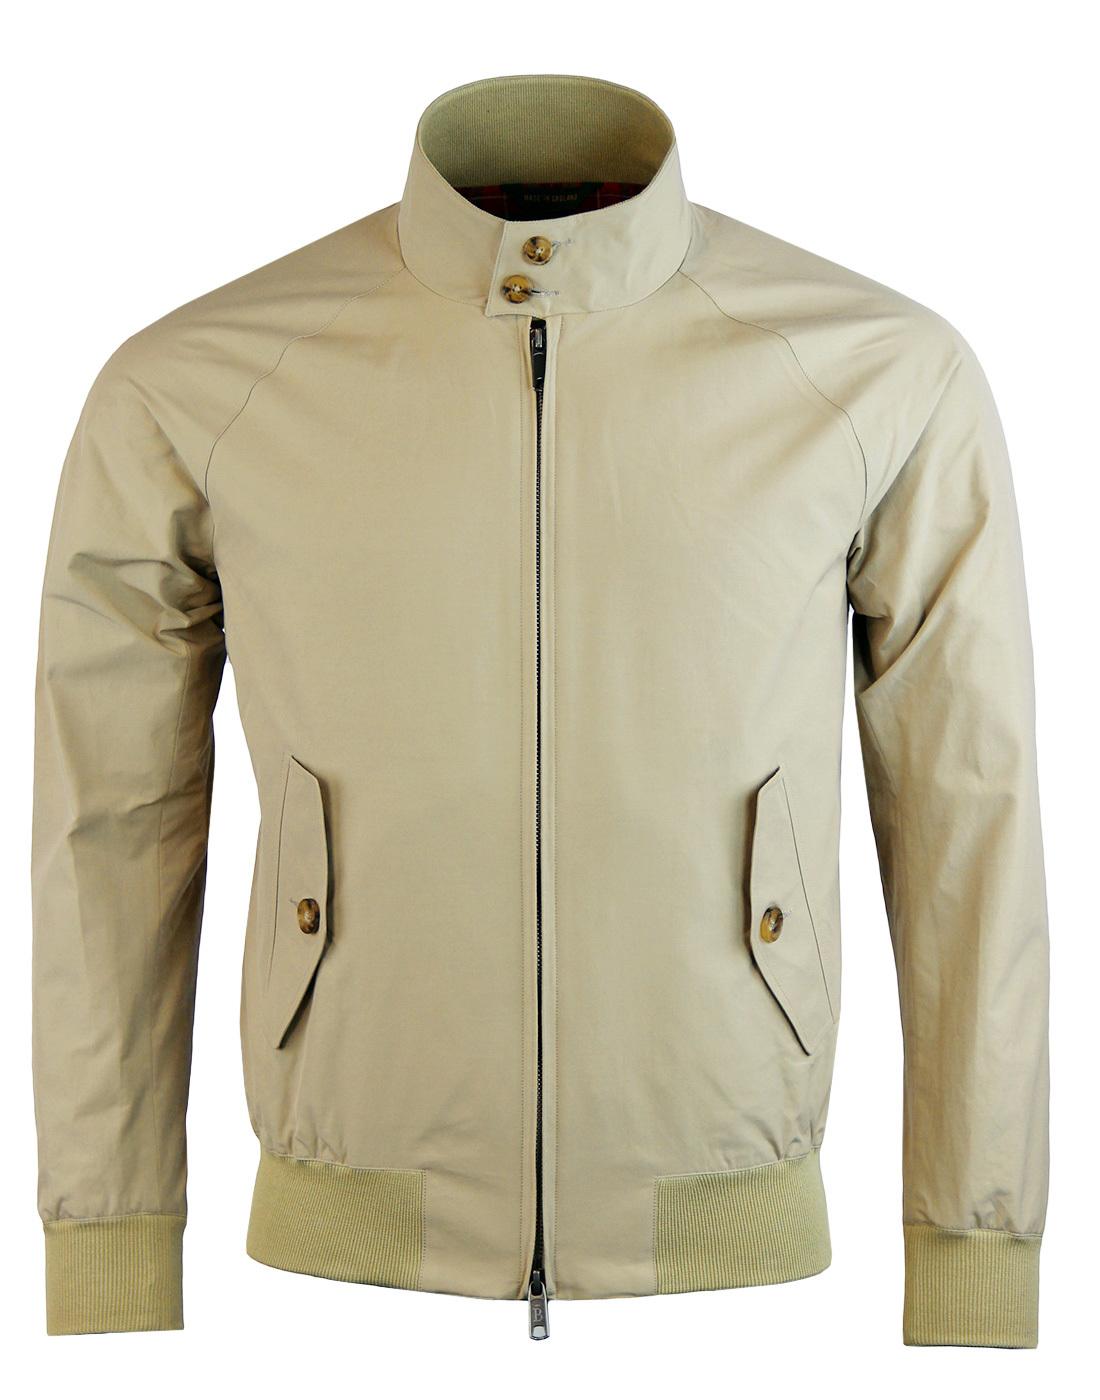 0d80f3891320d BARACUTA G9 Original Mod 60s Harrington Jacket in Natural